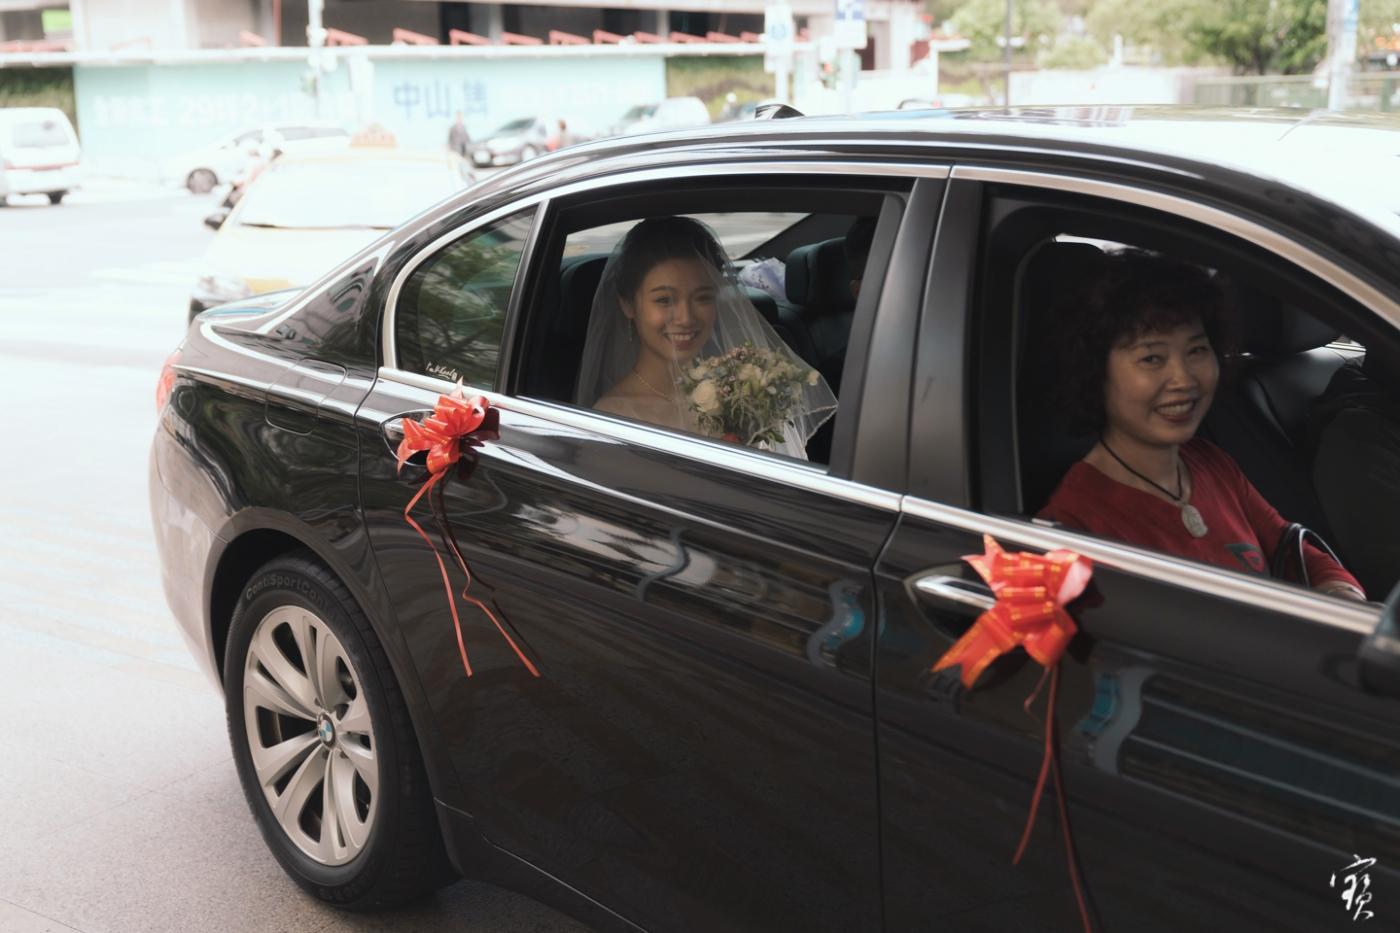 婚禮攝影 婚紗 大直 典華 冬半影像 攝影師大寶 北部攝影 台北攝影 桃園攝影 新竹攝影20181208-234